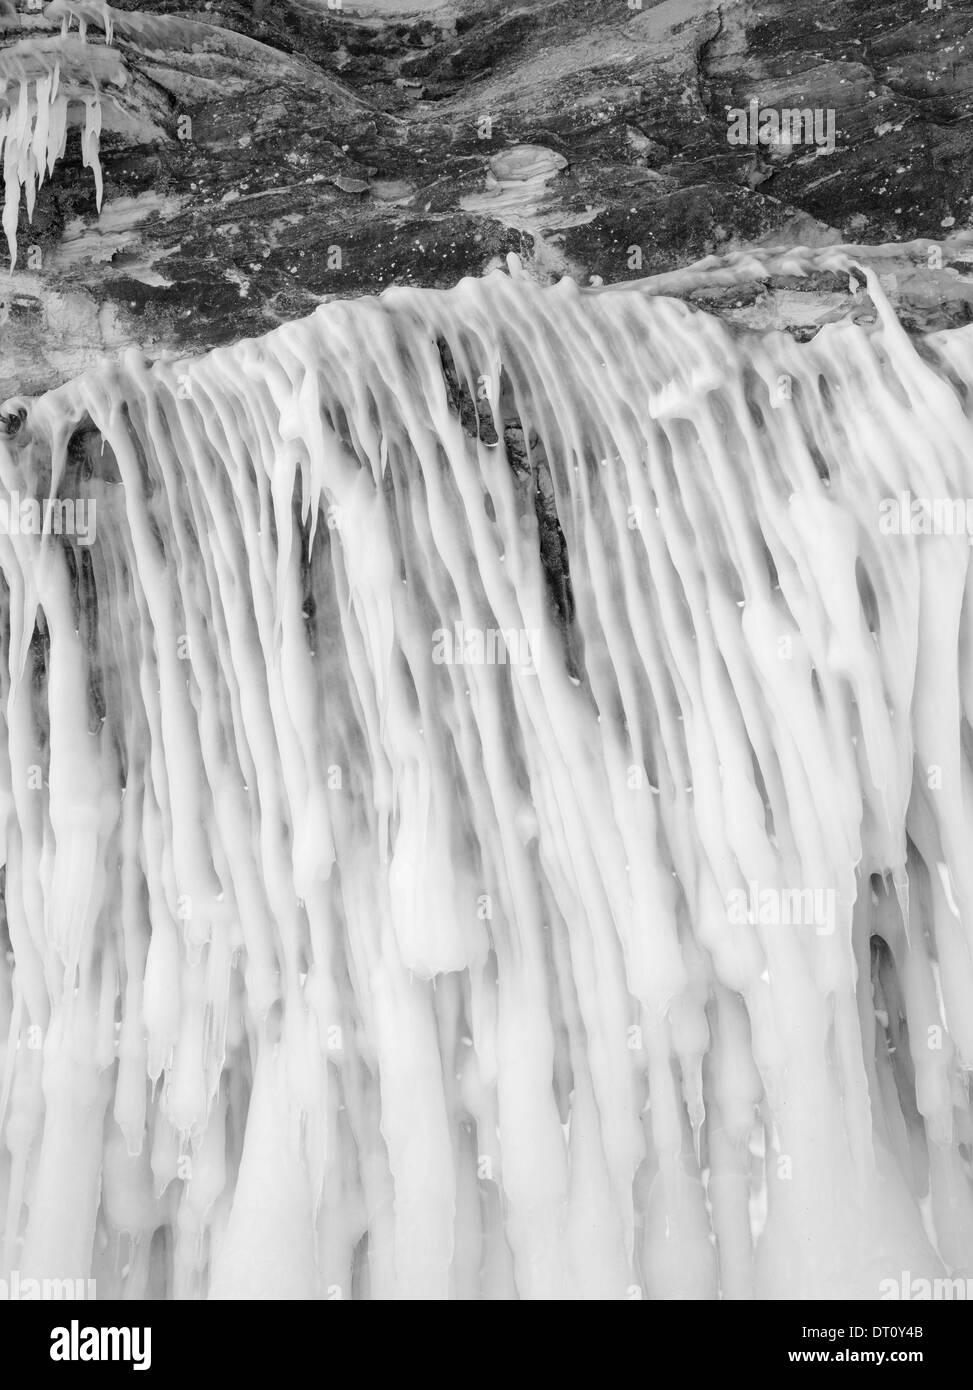 Fotografía en blanco y negro, detalle del Apóstol de la isla, cuevas de hielo Makwike Bay, cerca de Bayfield, Wisconsin, en un frío de febrero d Foto de stock